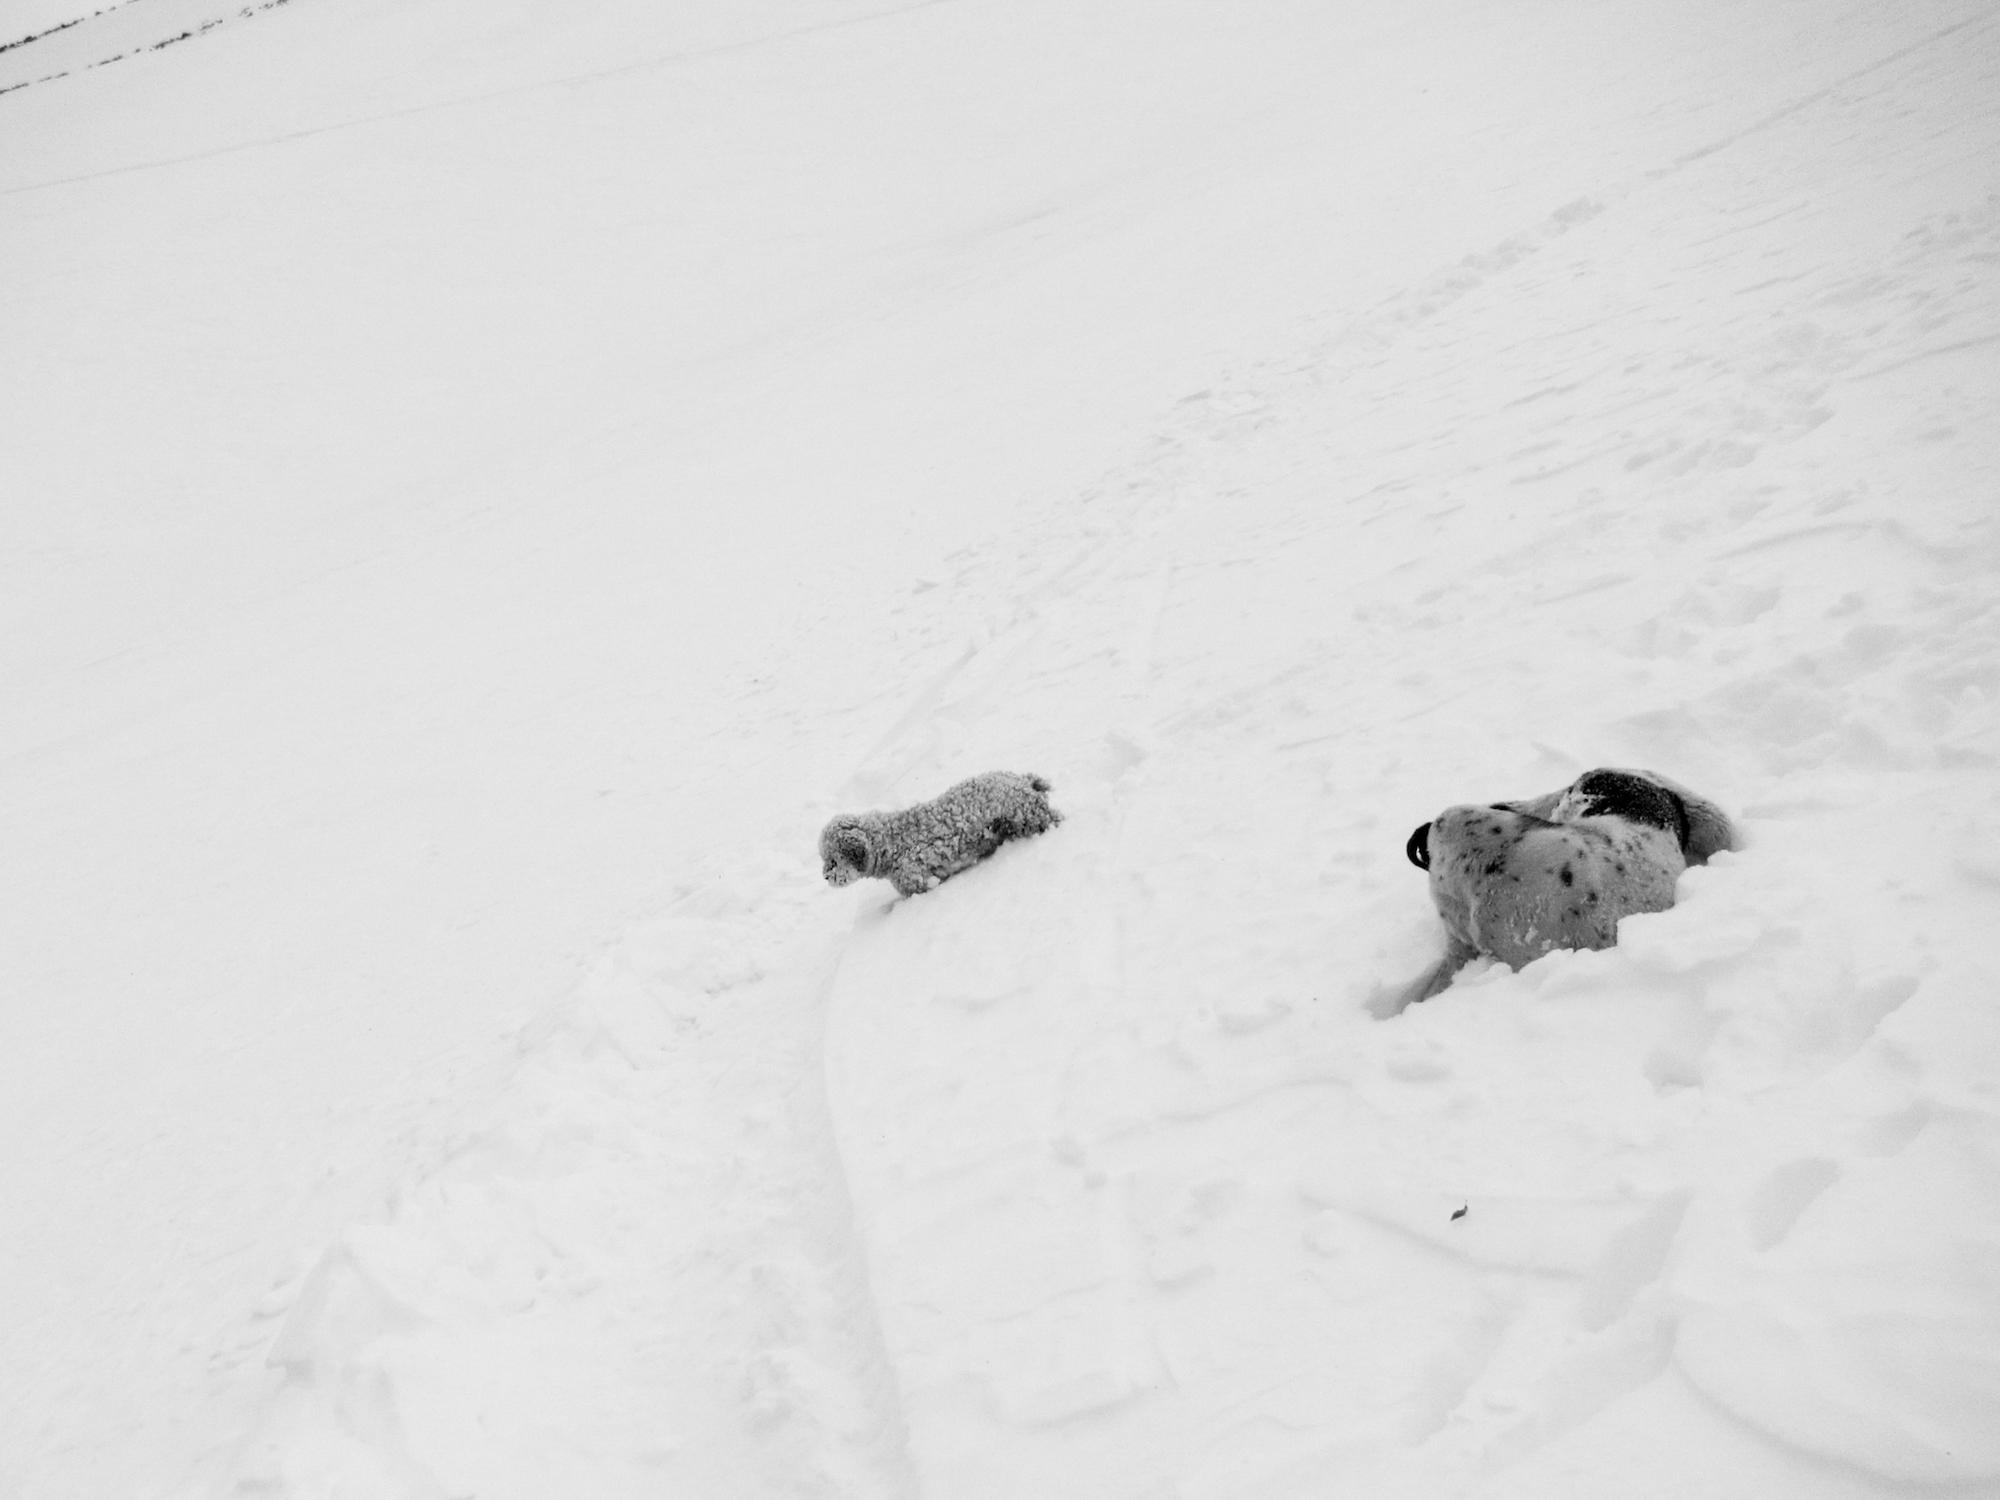 Petite forme chez les chiens skieurs